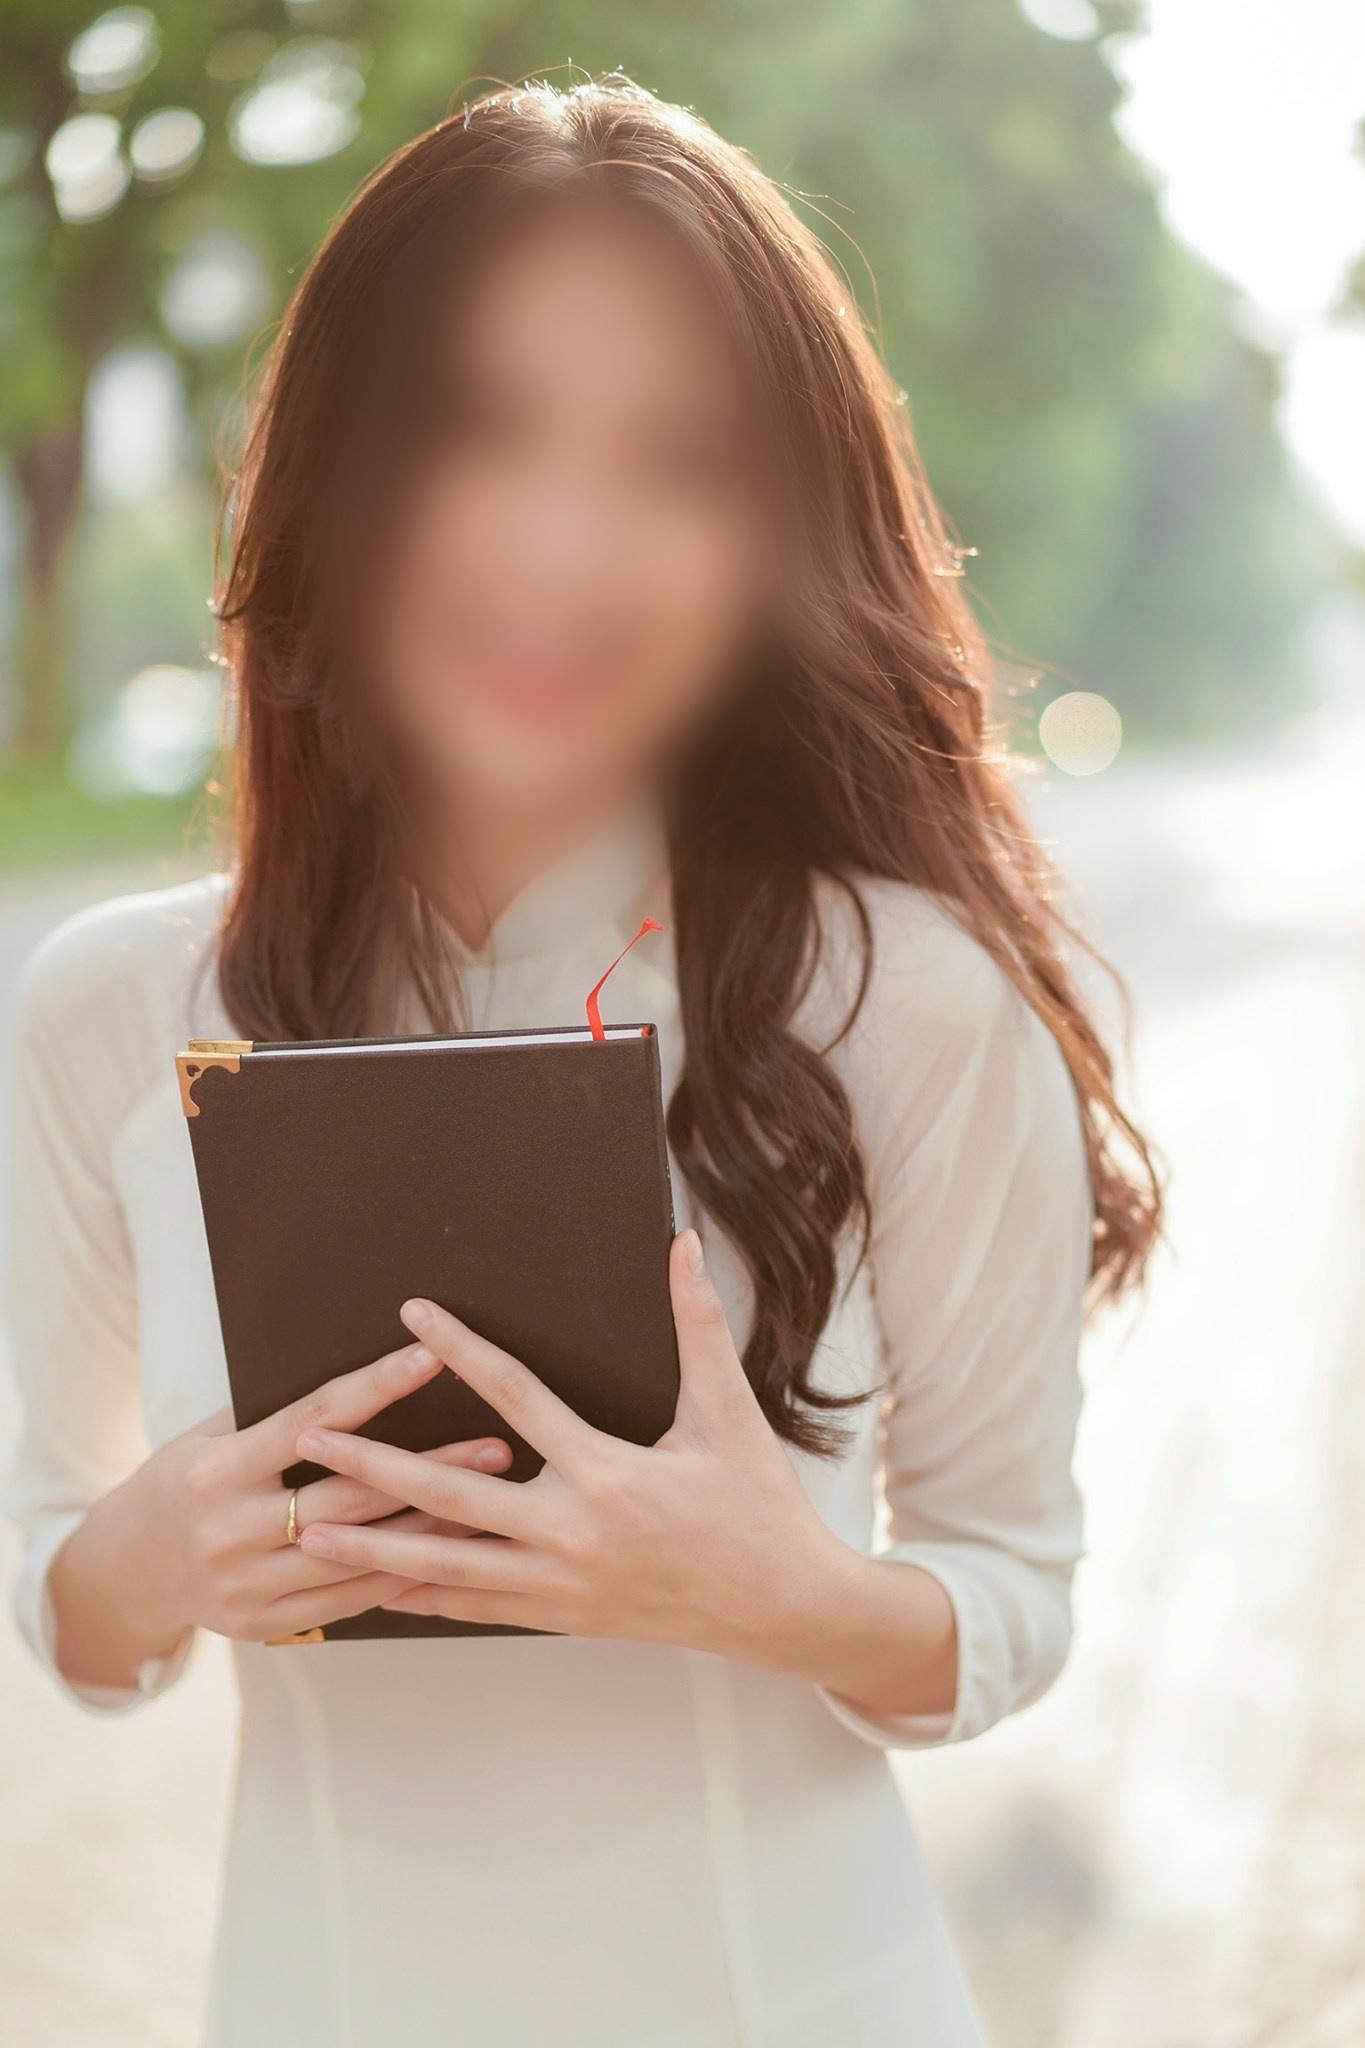 Đoạn clip sex nghi của hot girl 9x - nữ diễn viên phim Về Nhà Đi Con và người yêu, chính chủ đã khoá Facebook !